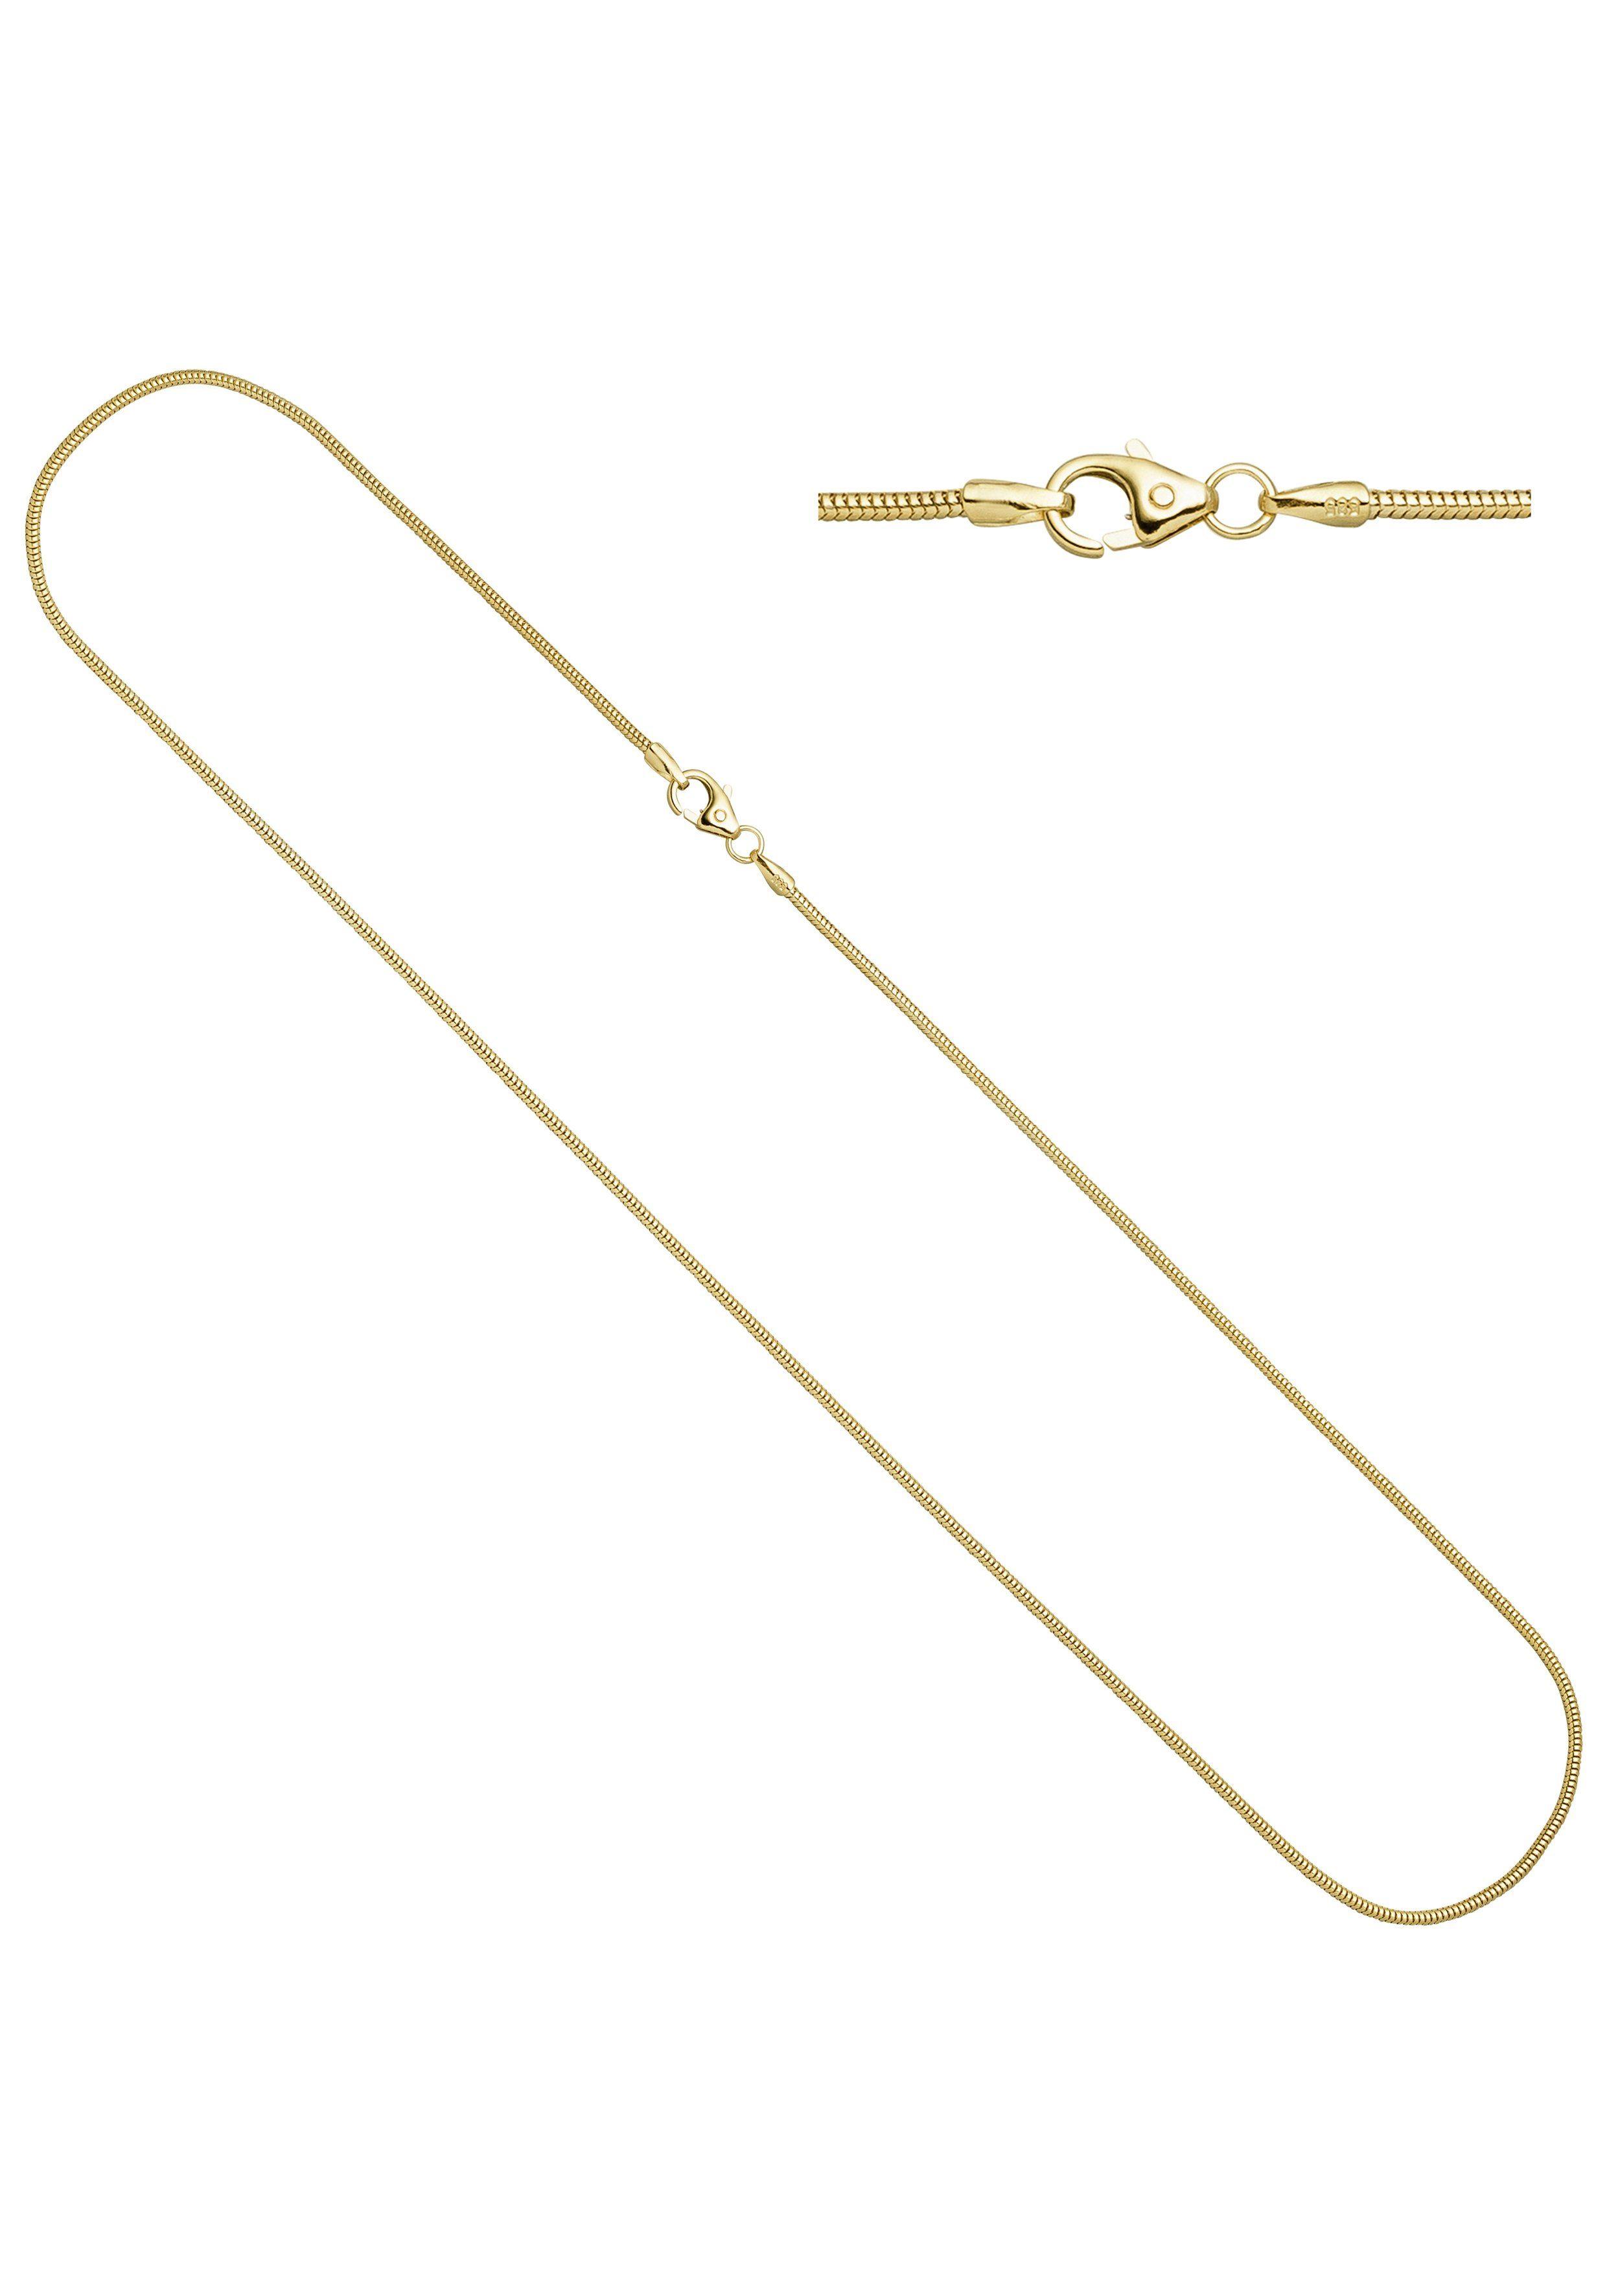 JOBO Goldkette Schlangenkette 585 Gold 60 cm 1,6 mm